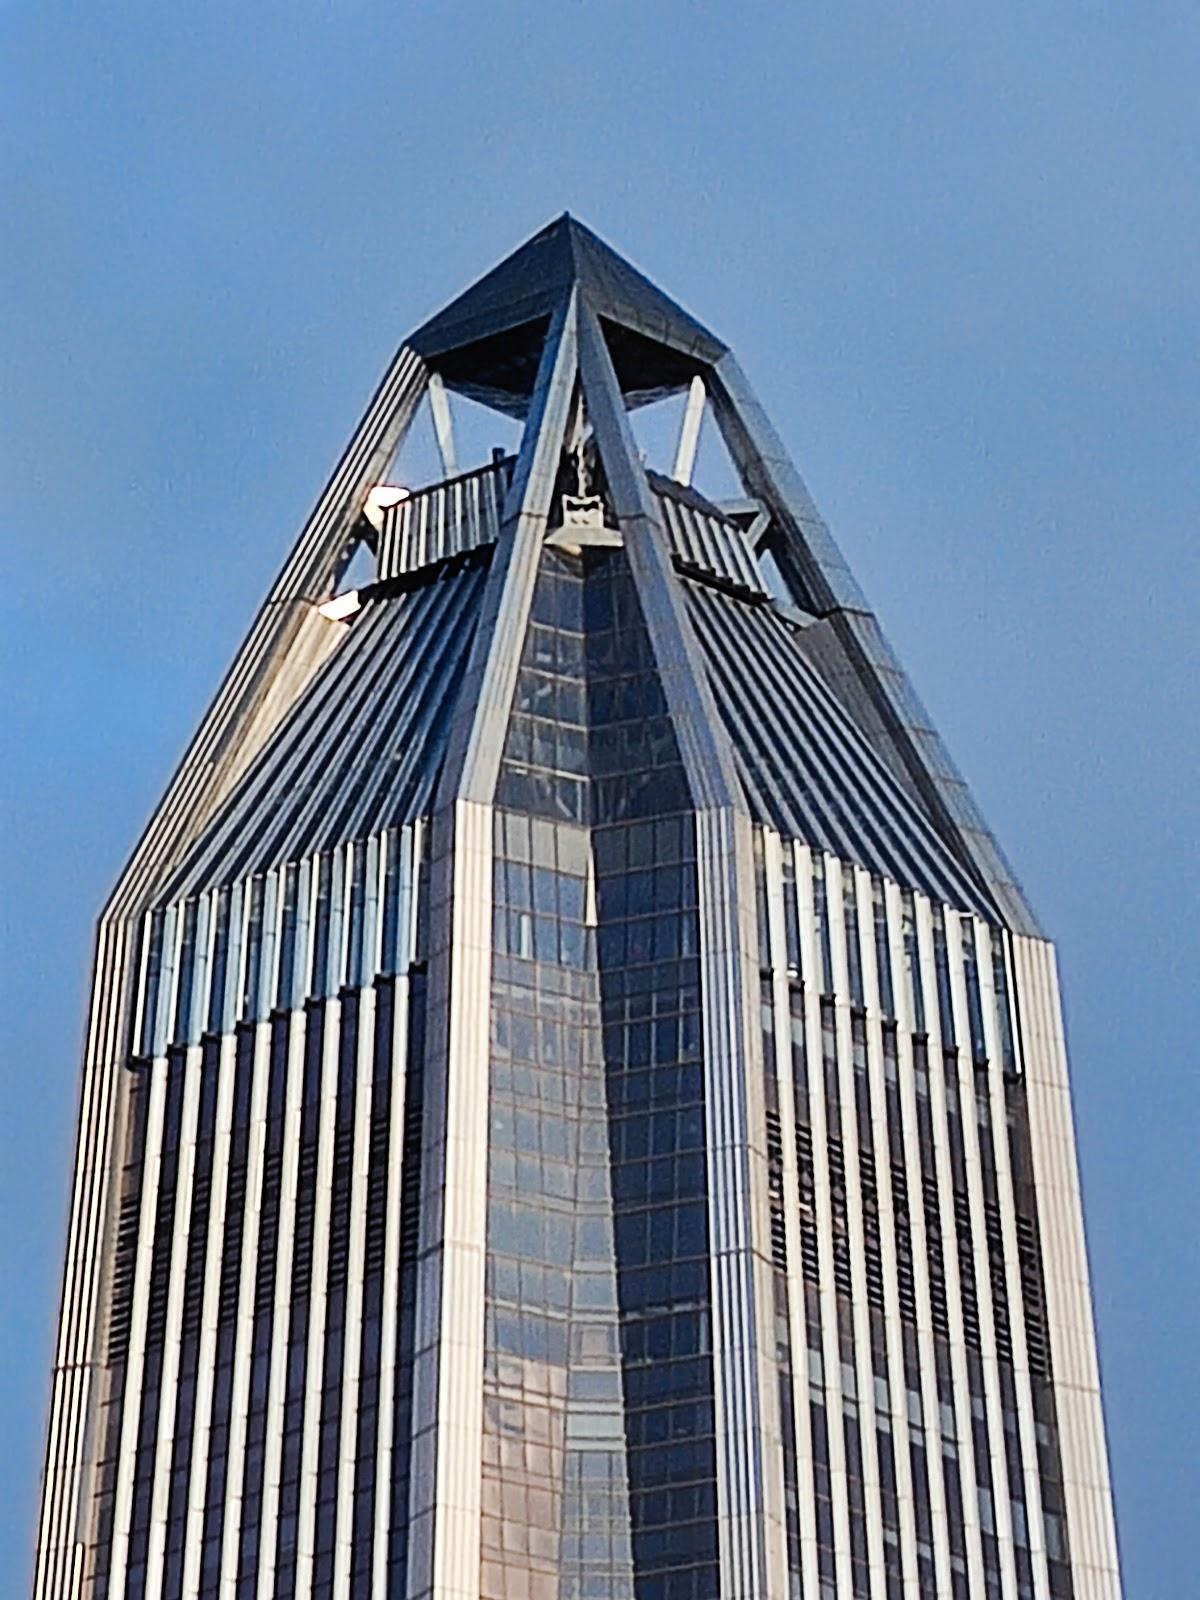 Đỉnh của một tòa cao ốc từ khoảng cách rất xa sau khi zoom 60x